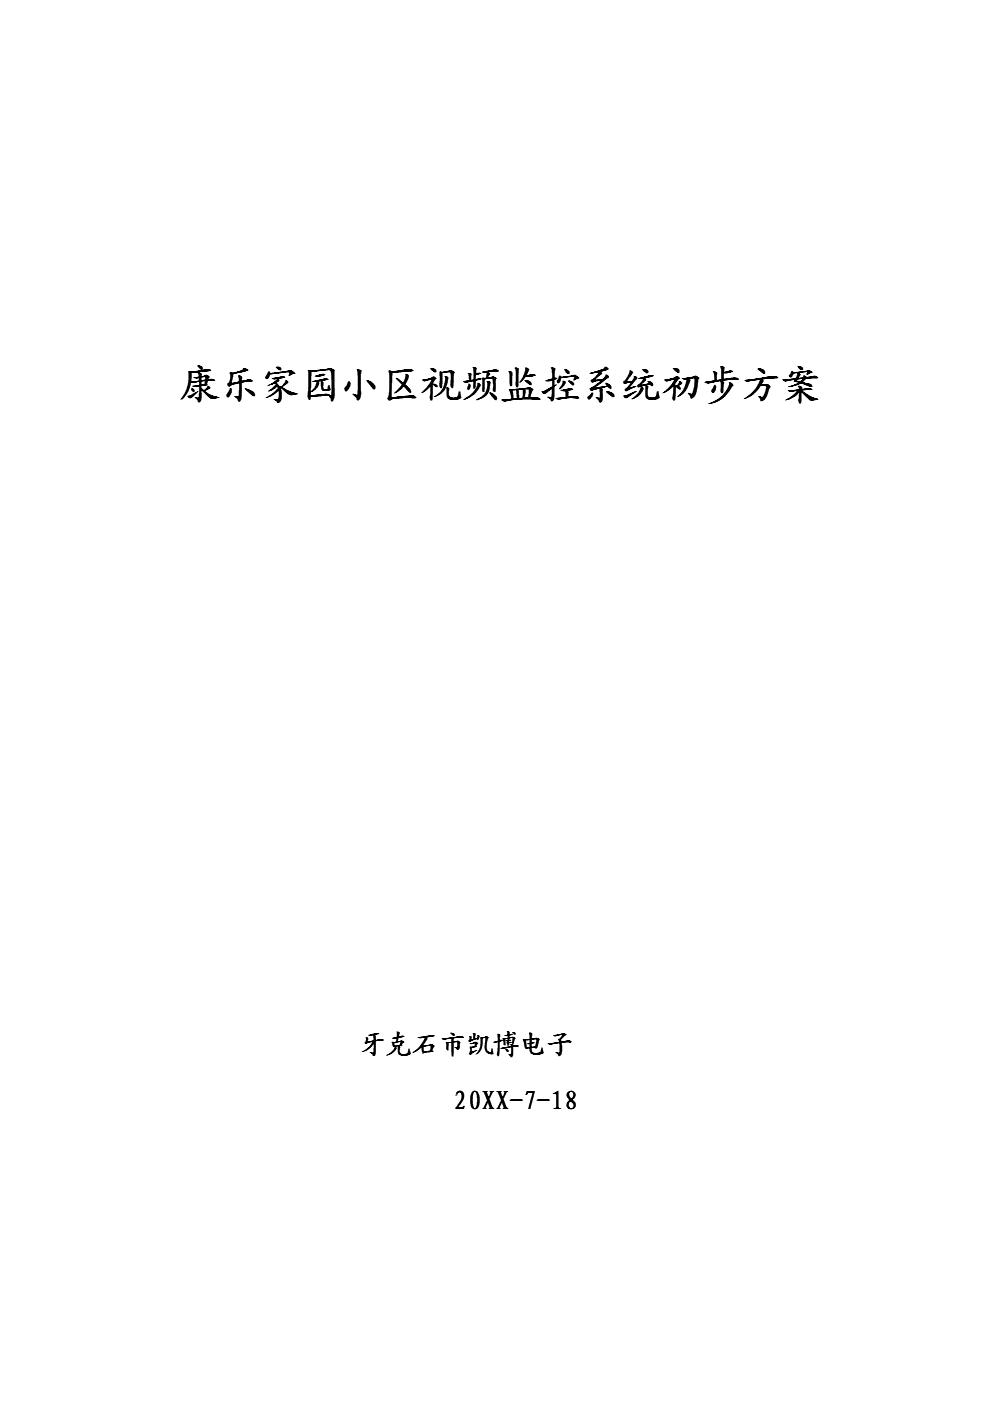 康乐家园小区视频监控系统初步专题方案.doc